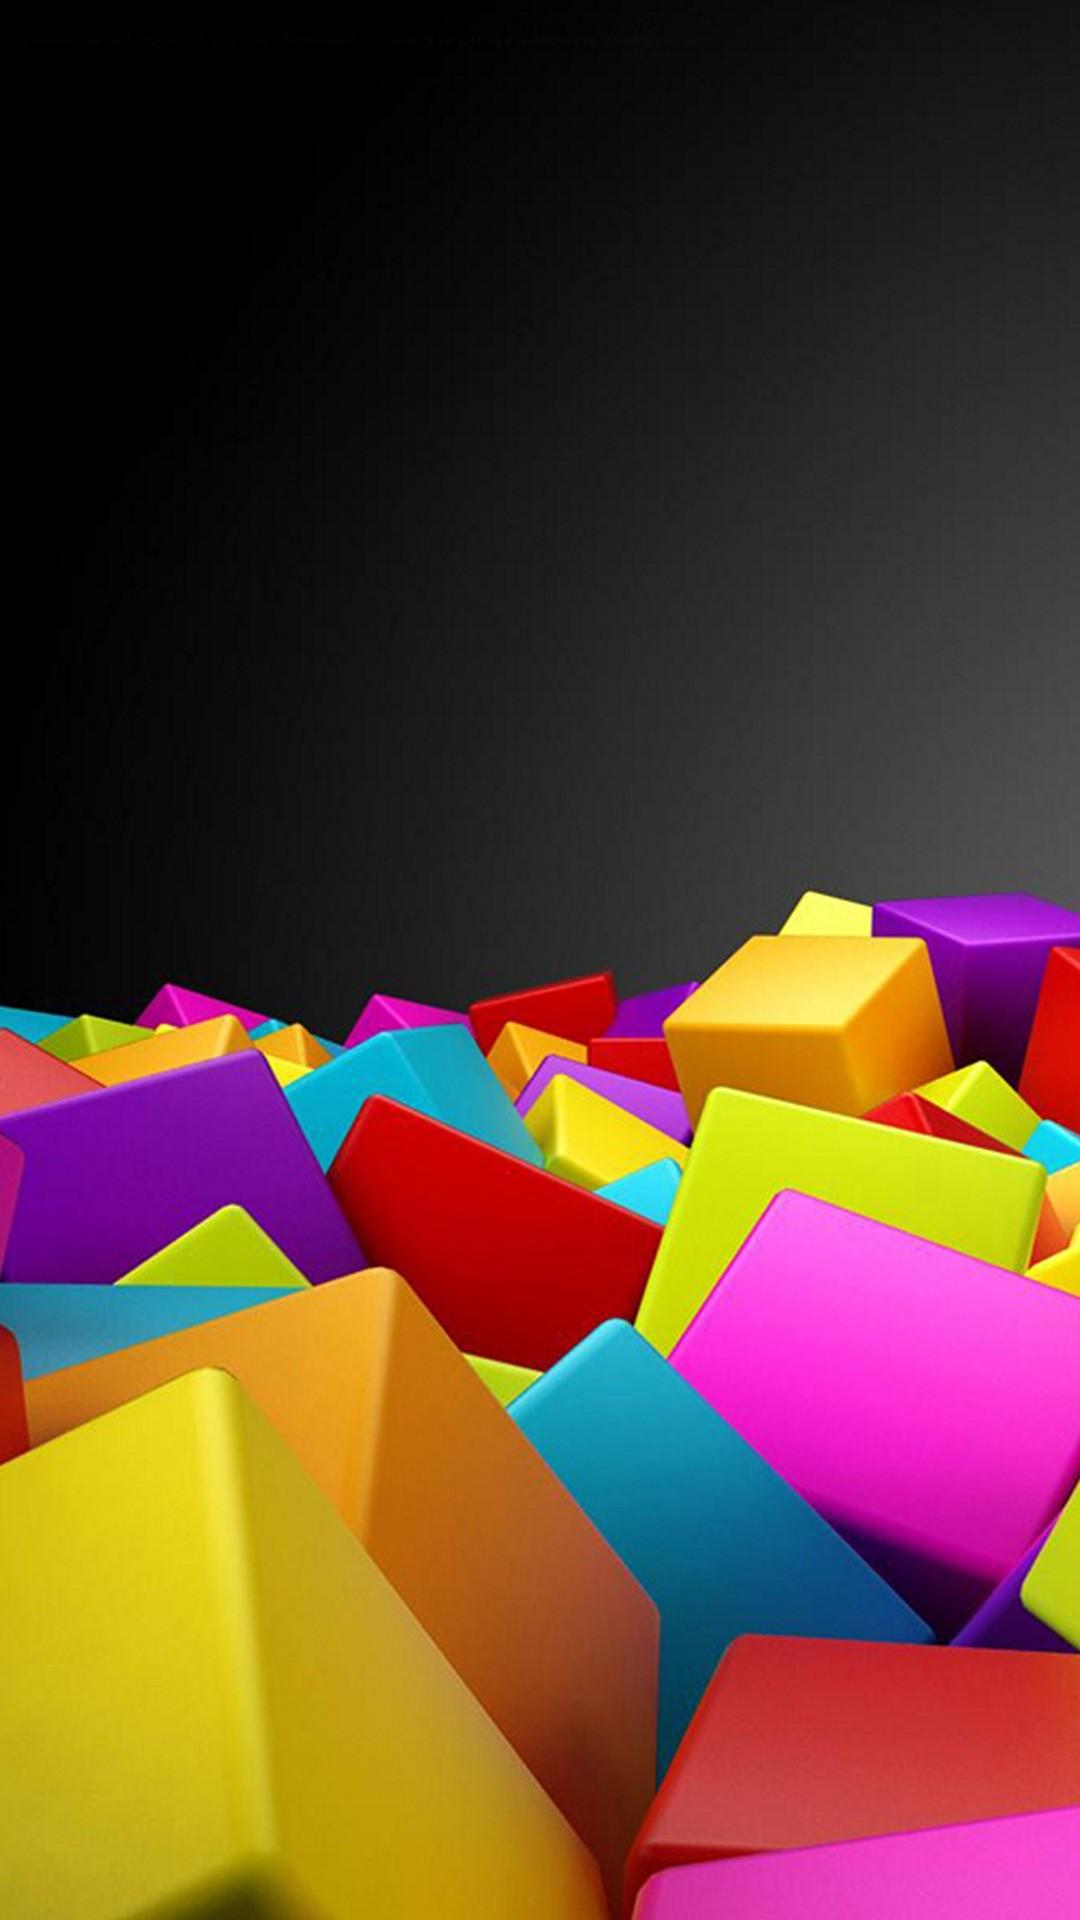 Colorful Rubik Cubes iPhone 6 Plus HD Wallpaper …